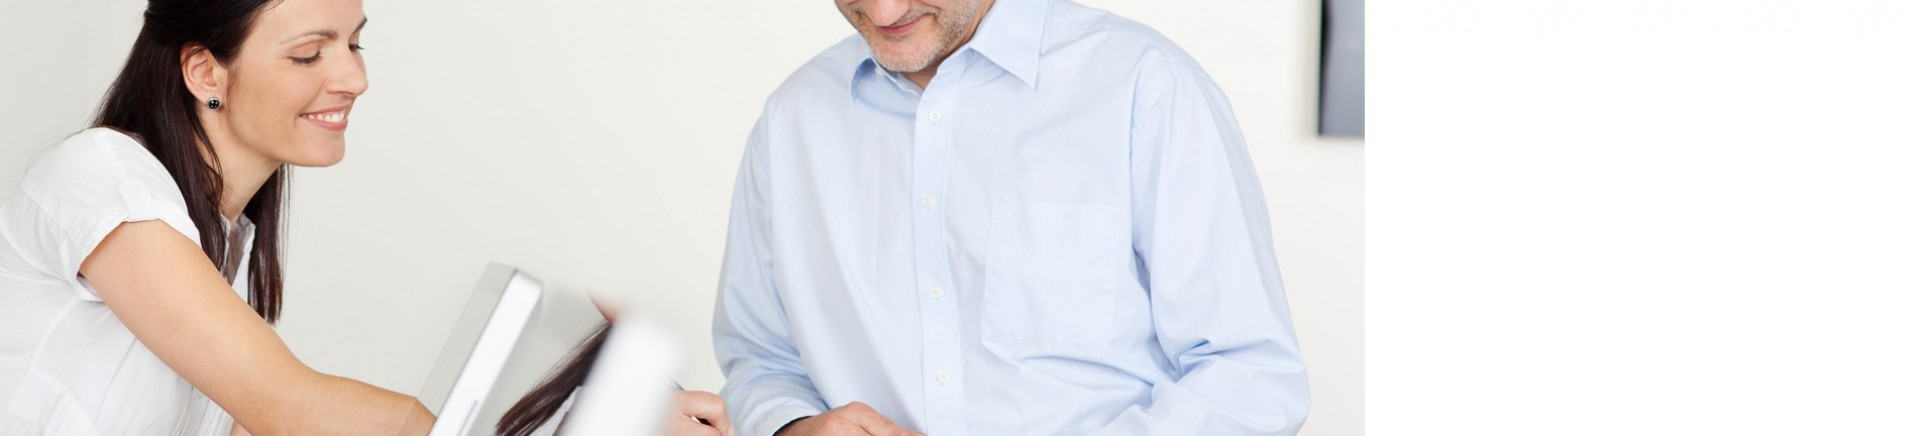 Gastroskopia bez czekania.                Szybkie terminy badania finansowanego przez NFZ.